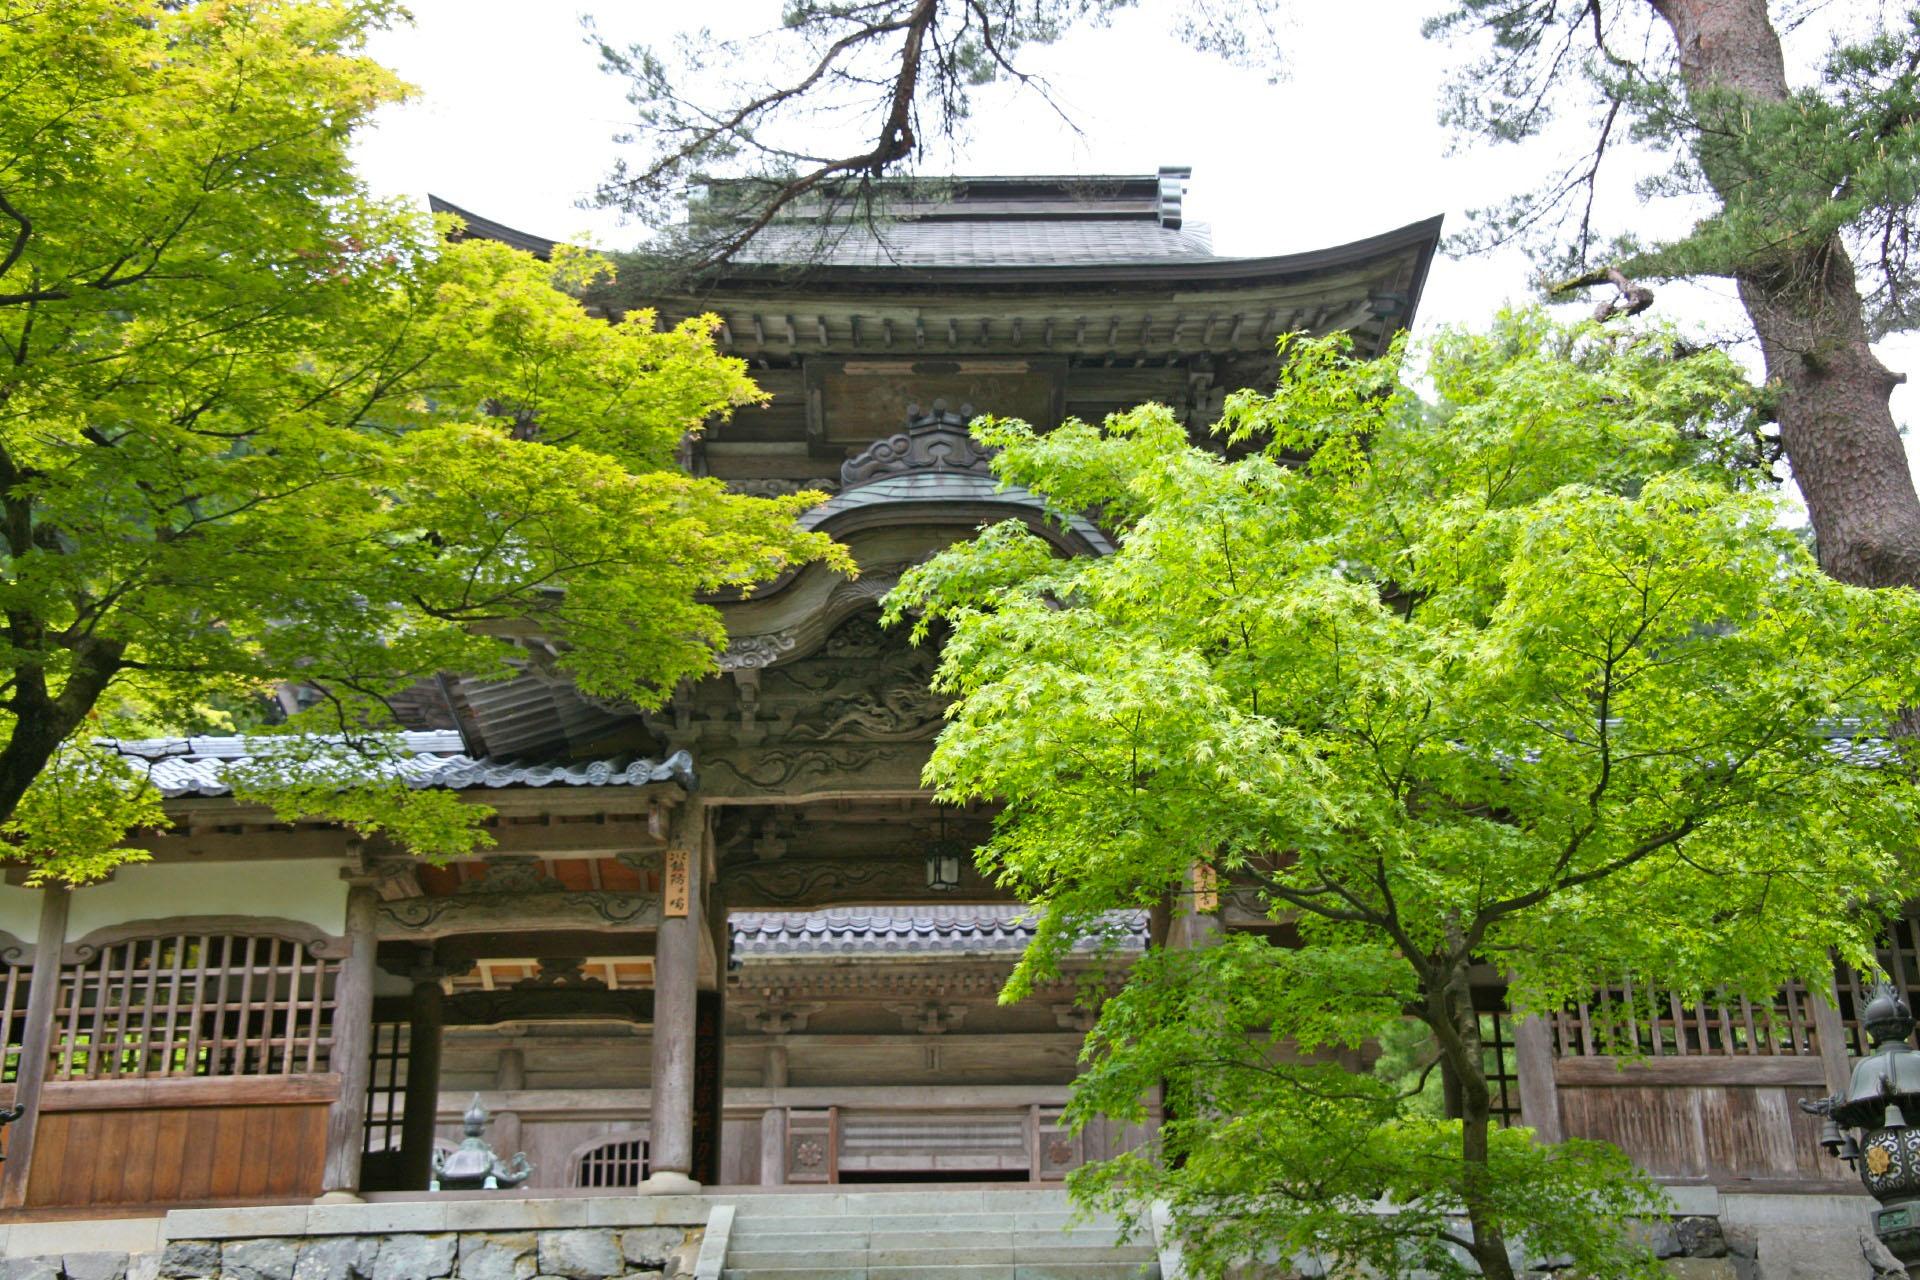 初夏の永平寺 福井の風景